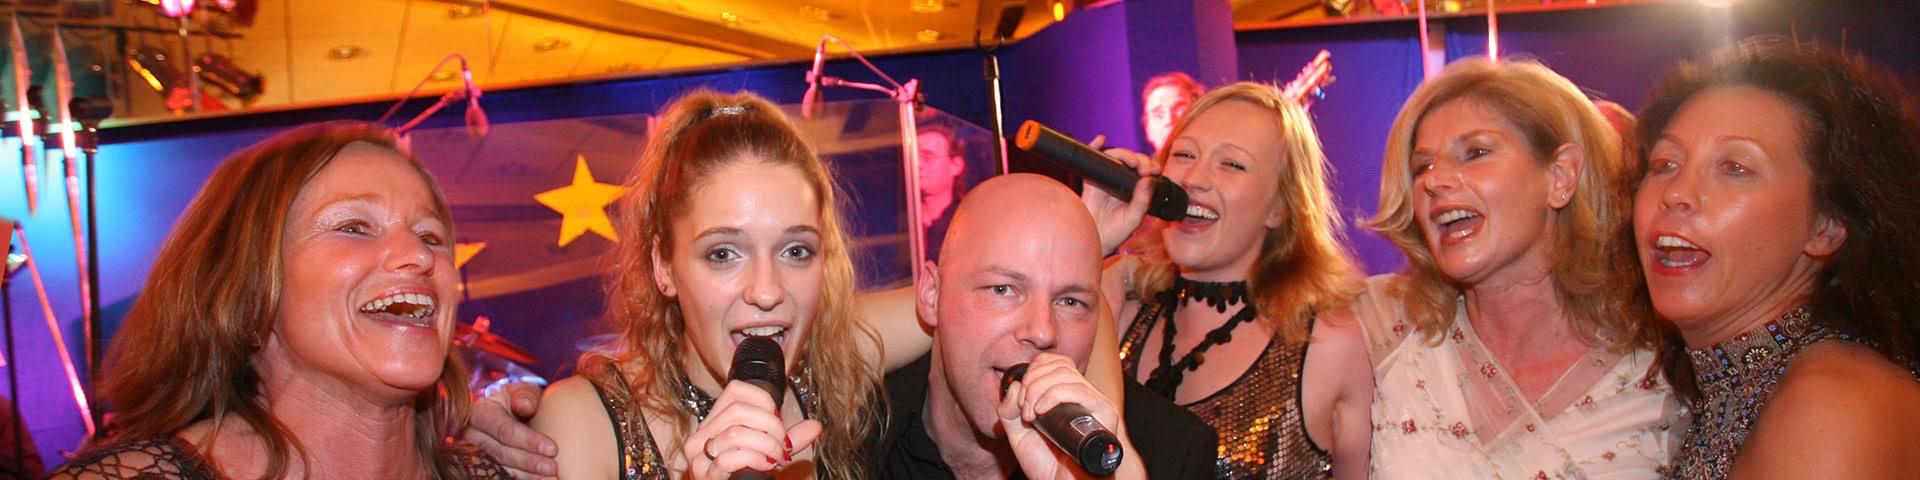 Gut gelaunte Gruppe singt Karaoke in Olsberg